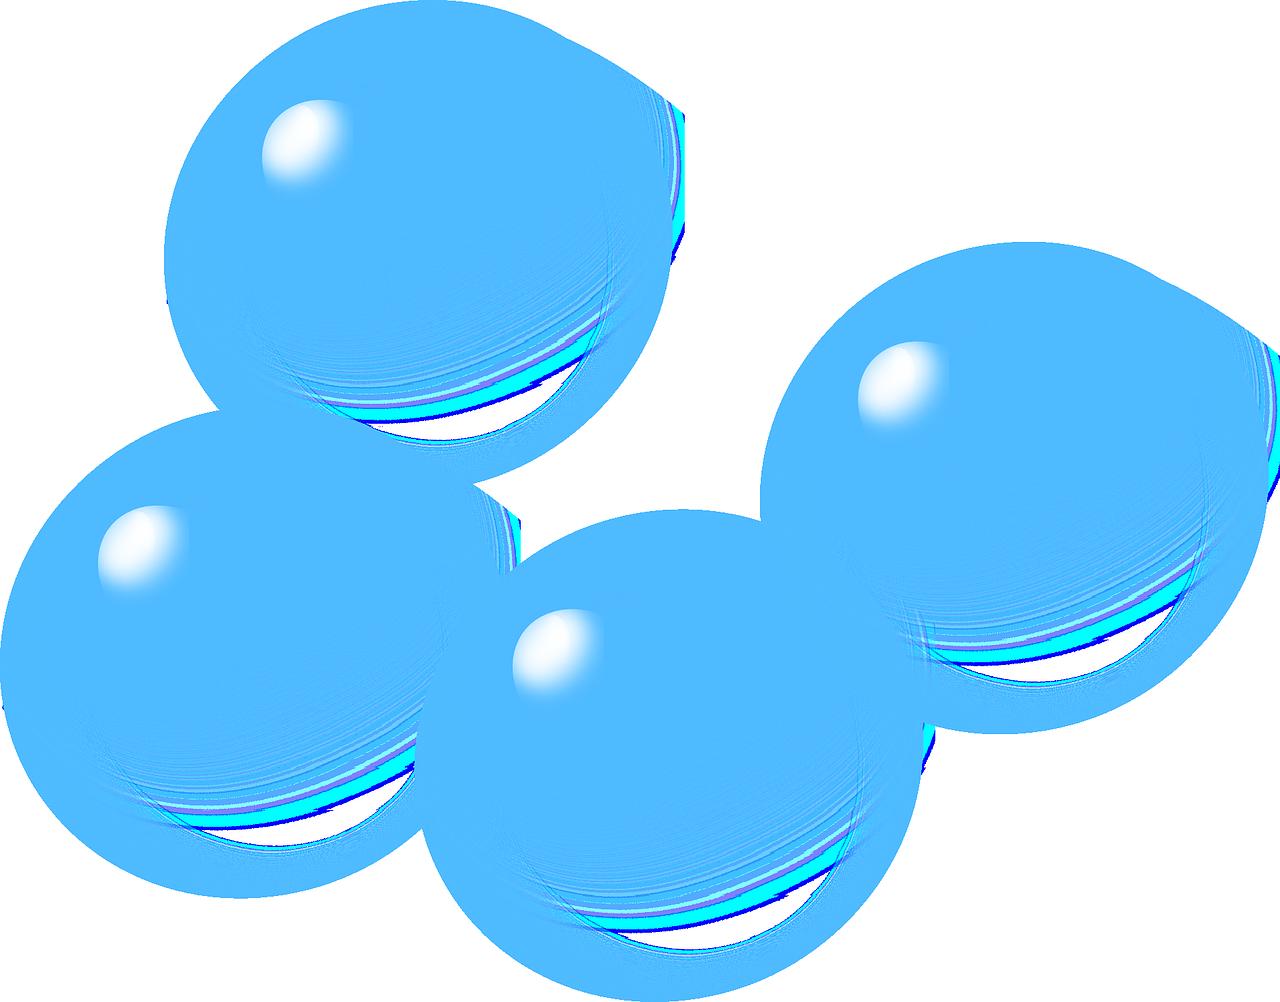 этой области мыльные пузырьки картинка без фона можно любую фотографию